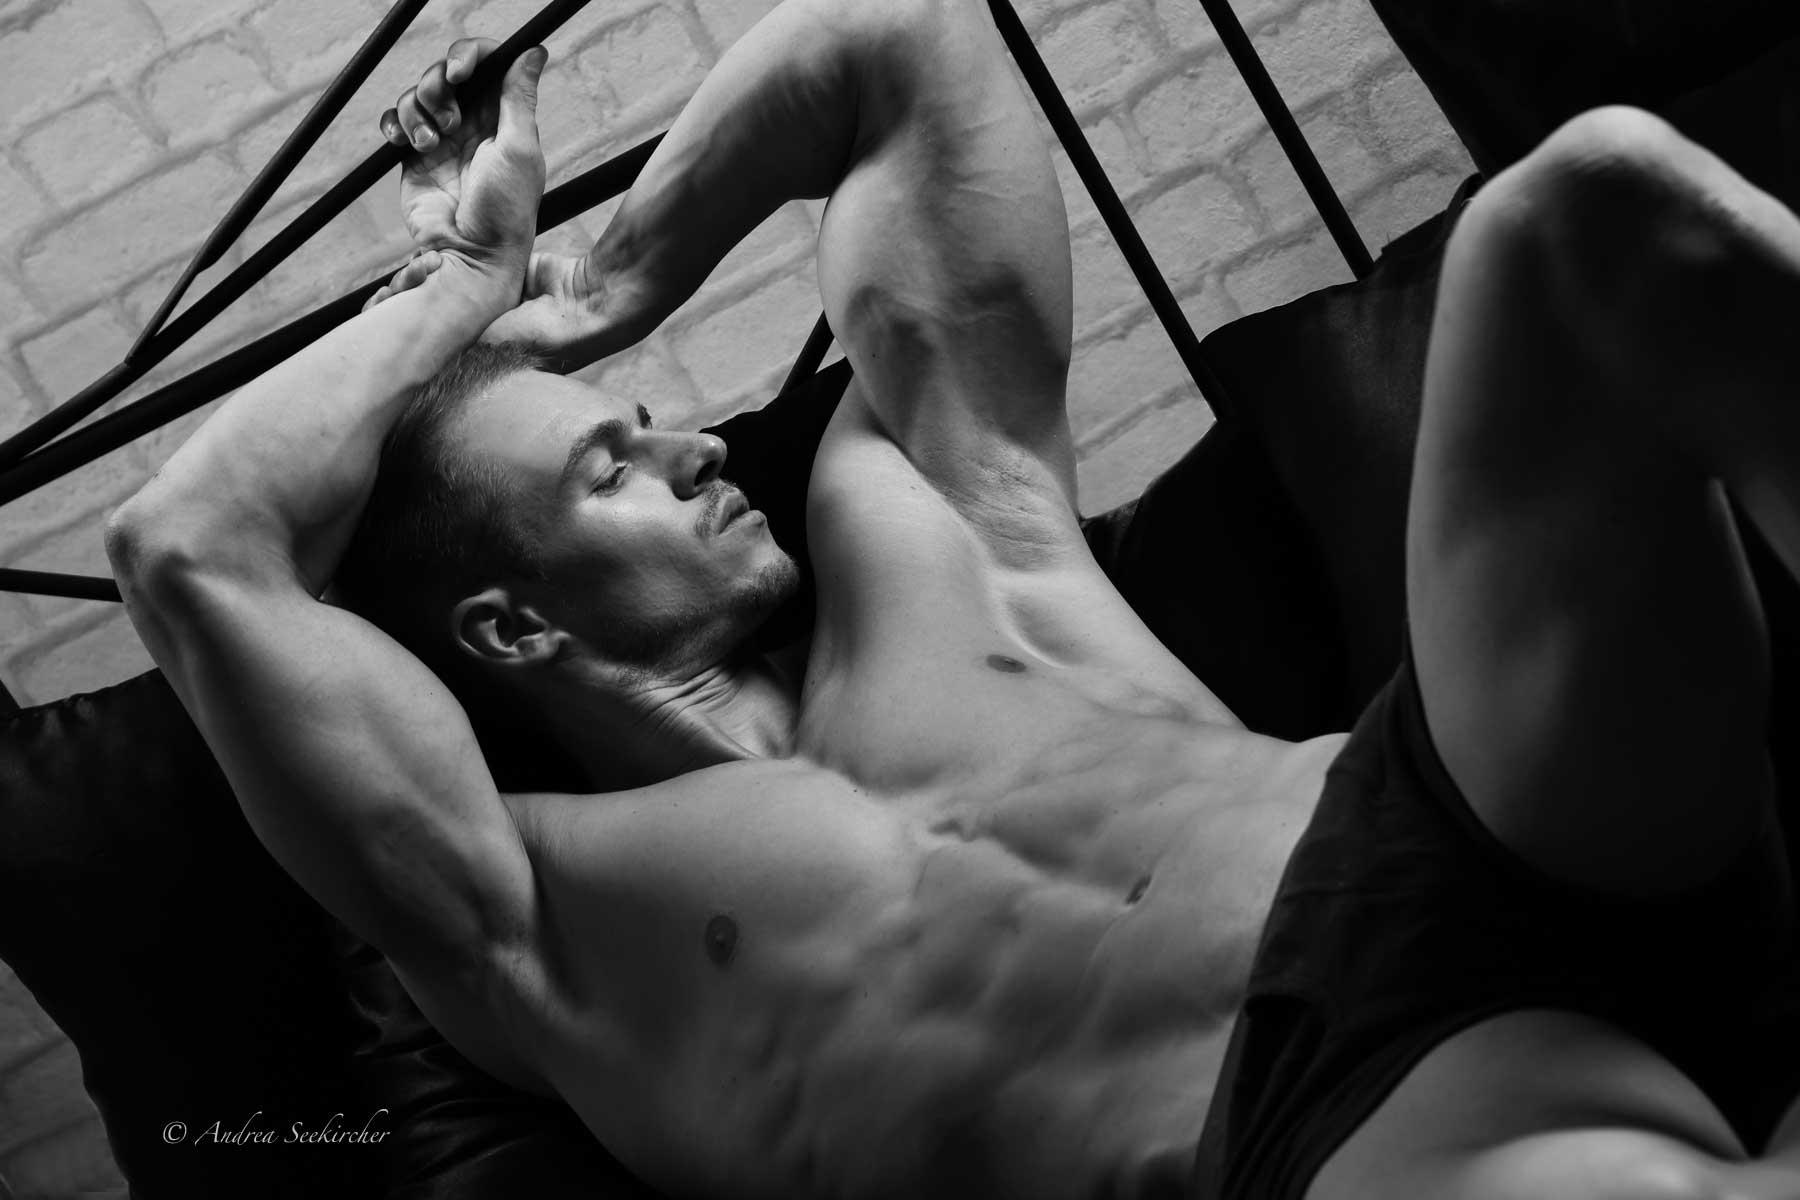 männer bodybuilder aktfotografie